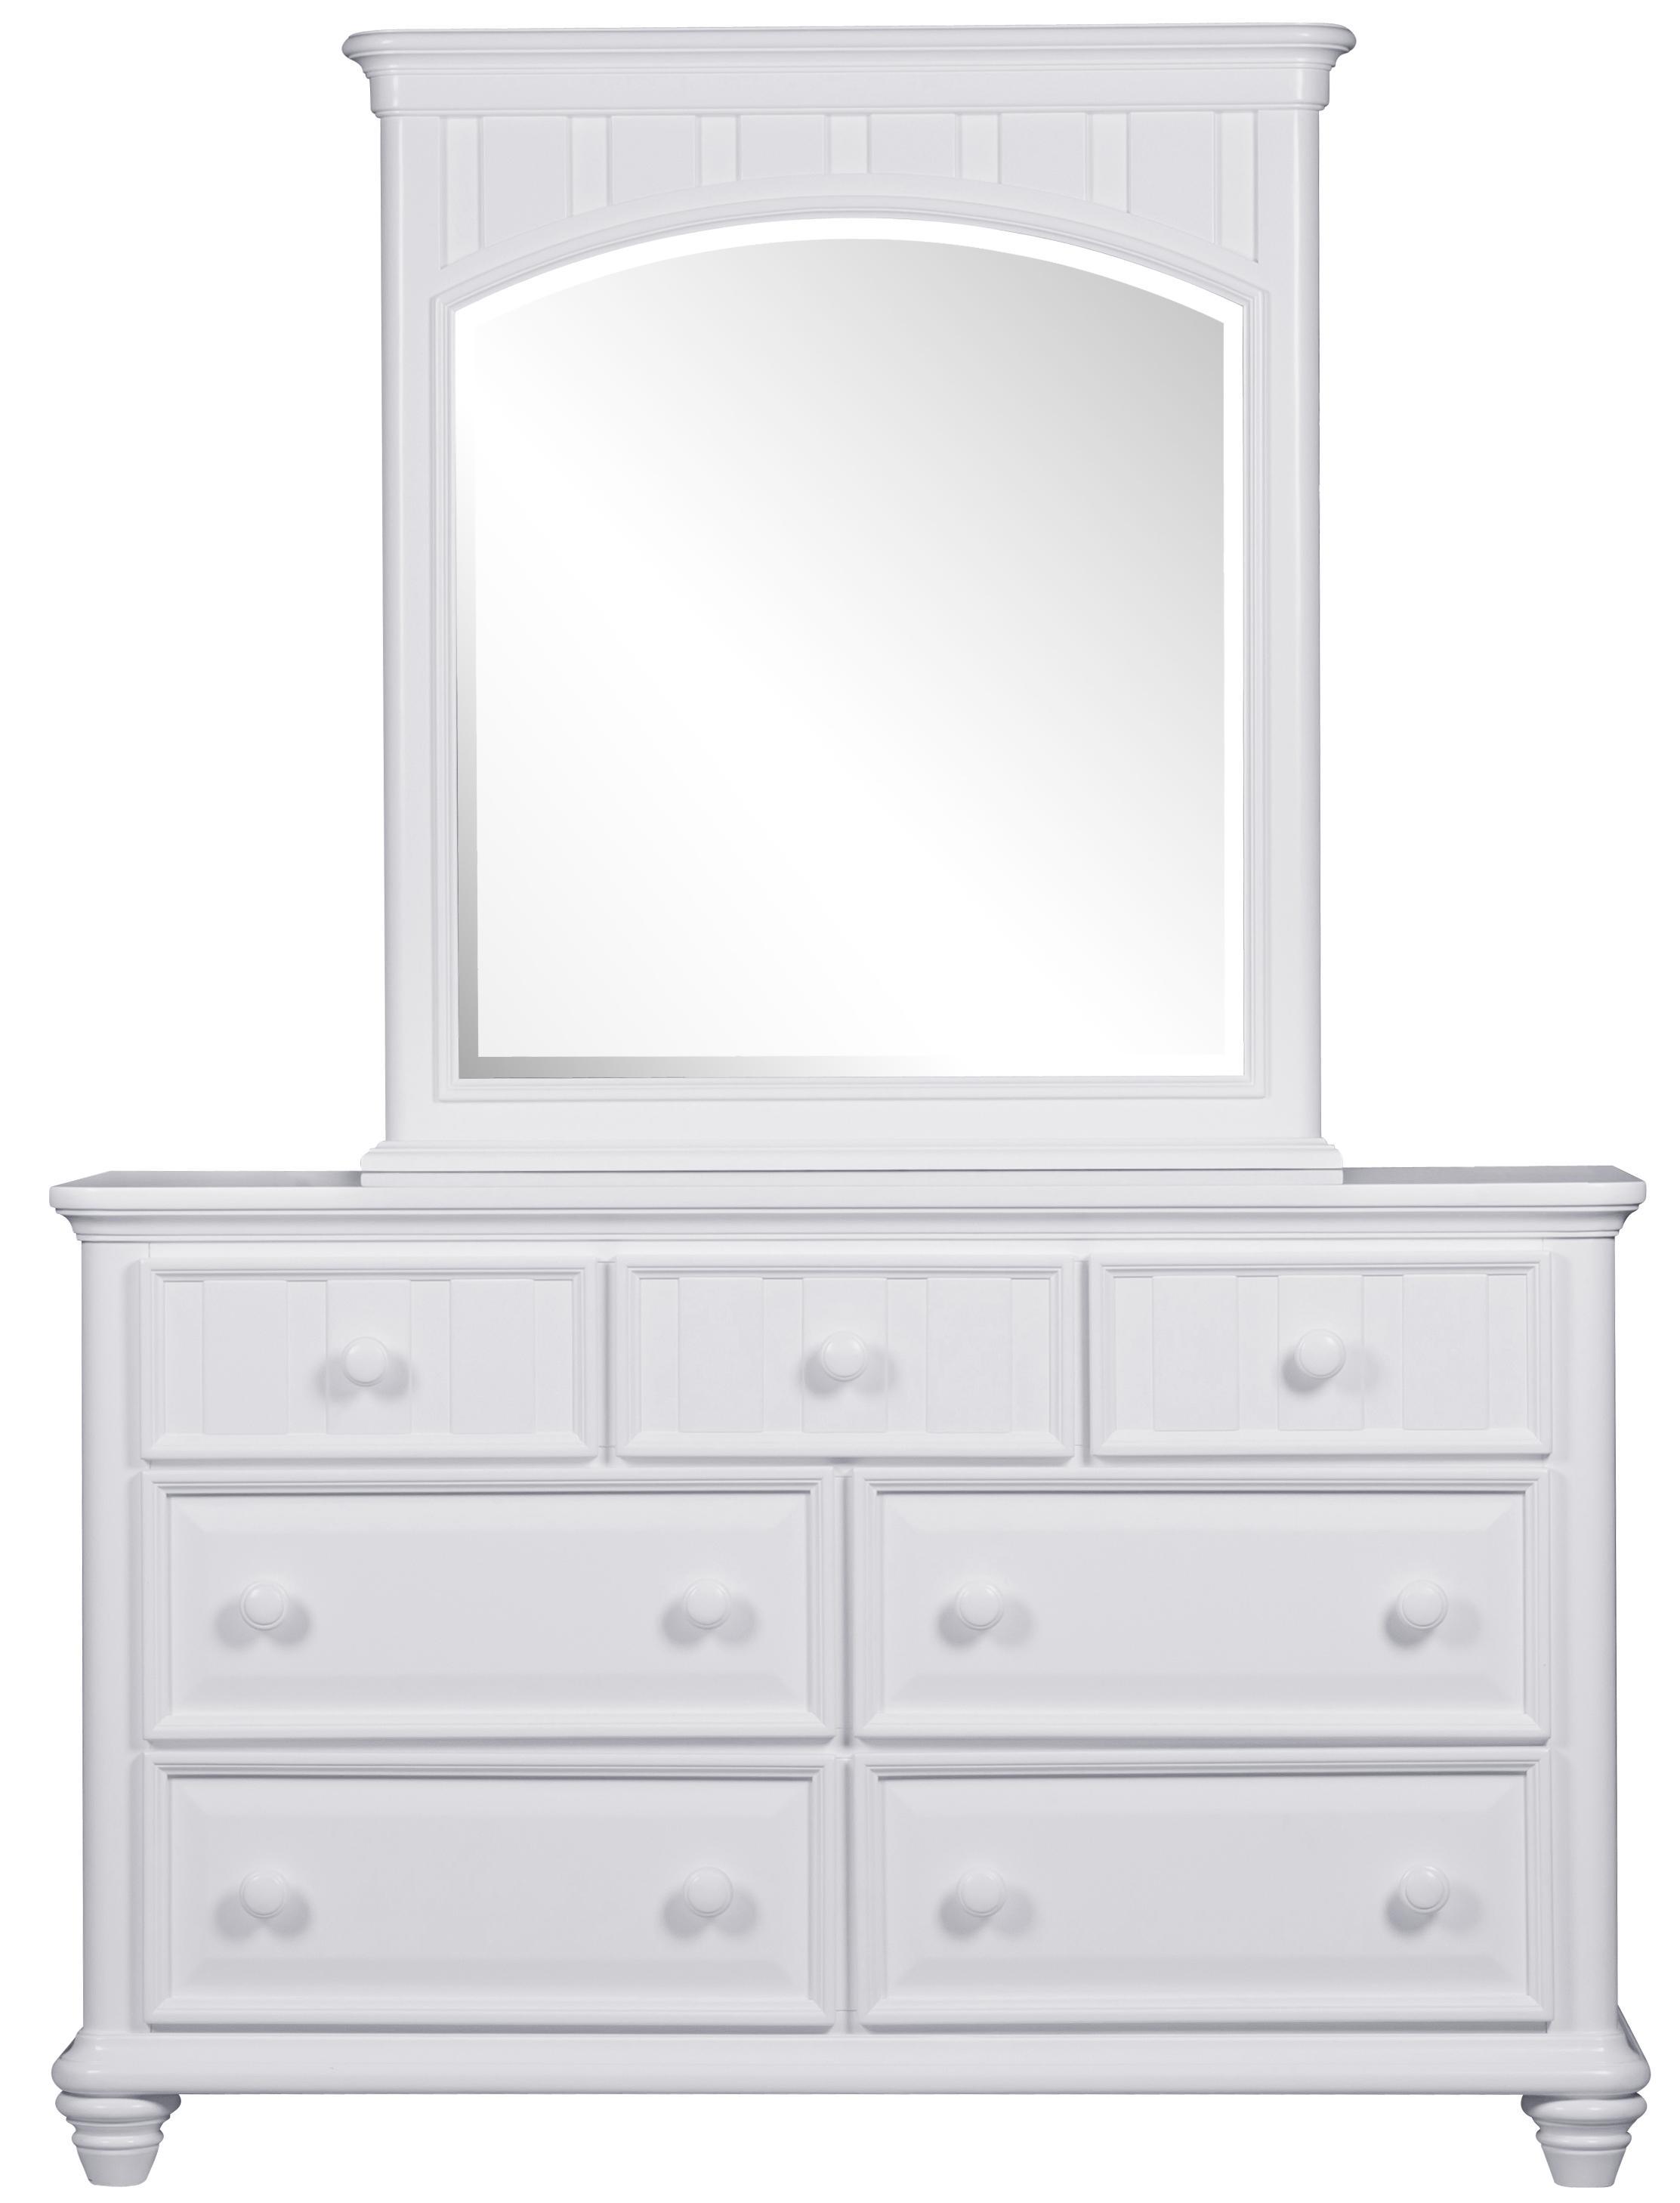 Morris Home Furnishings Shelbourne Shelbourne Dresser - Item Number: 8466-410